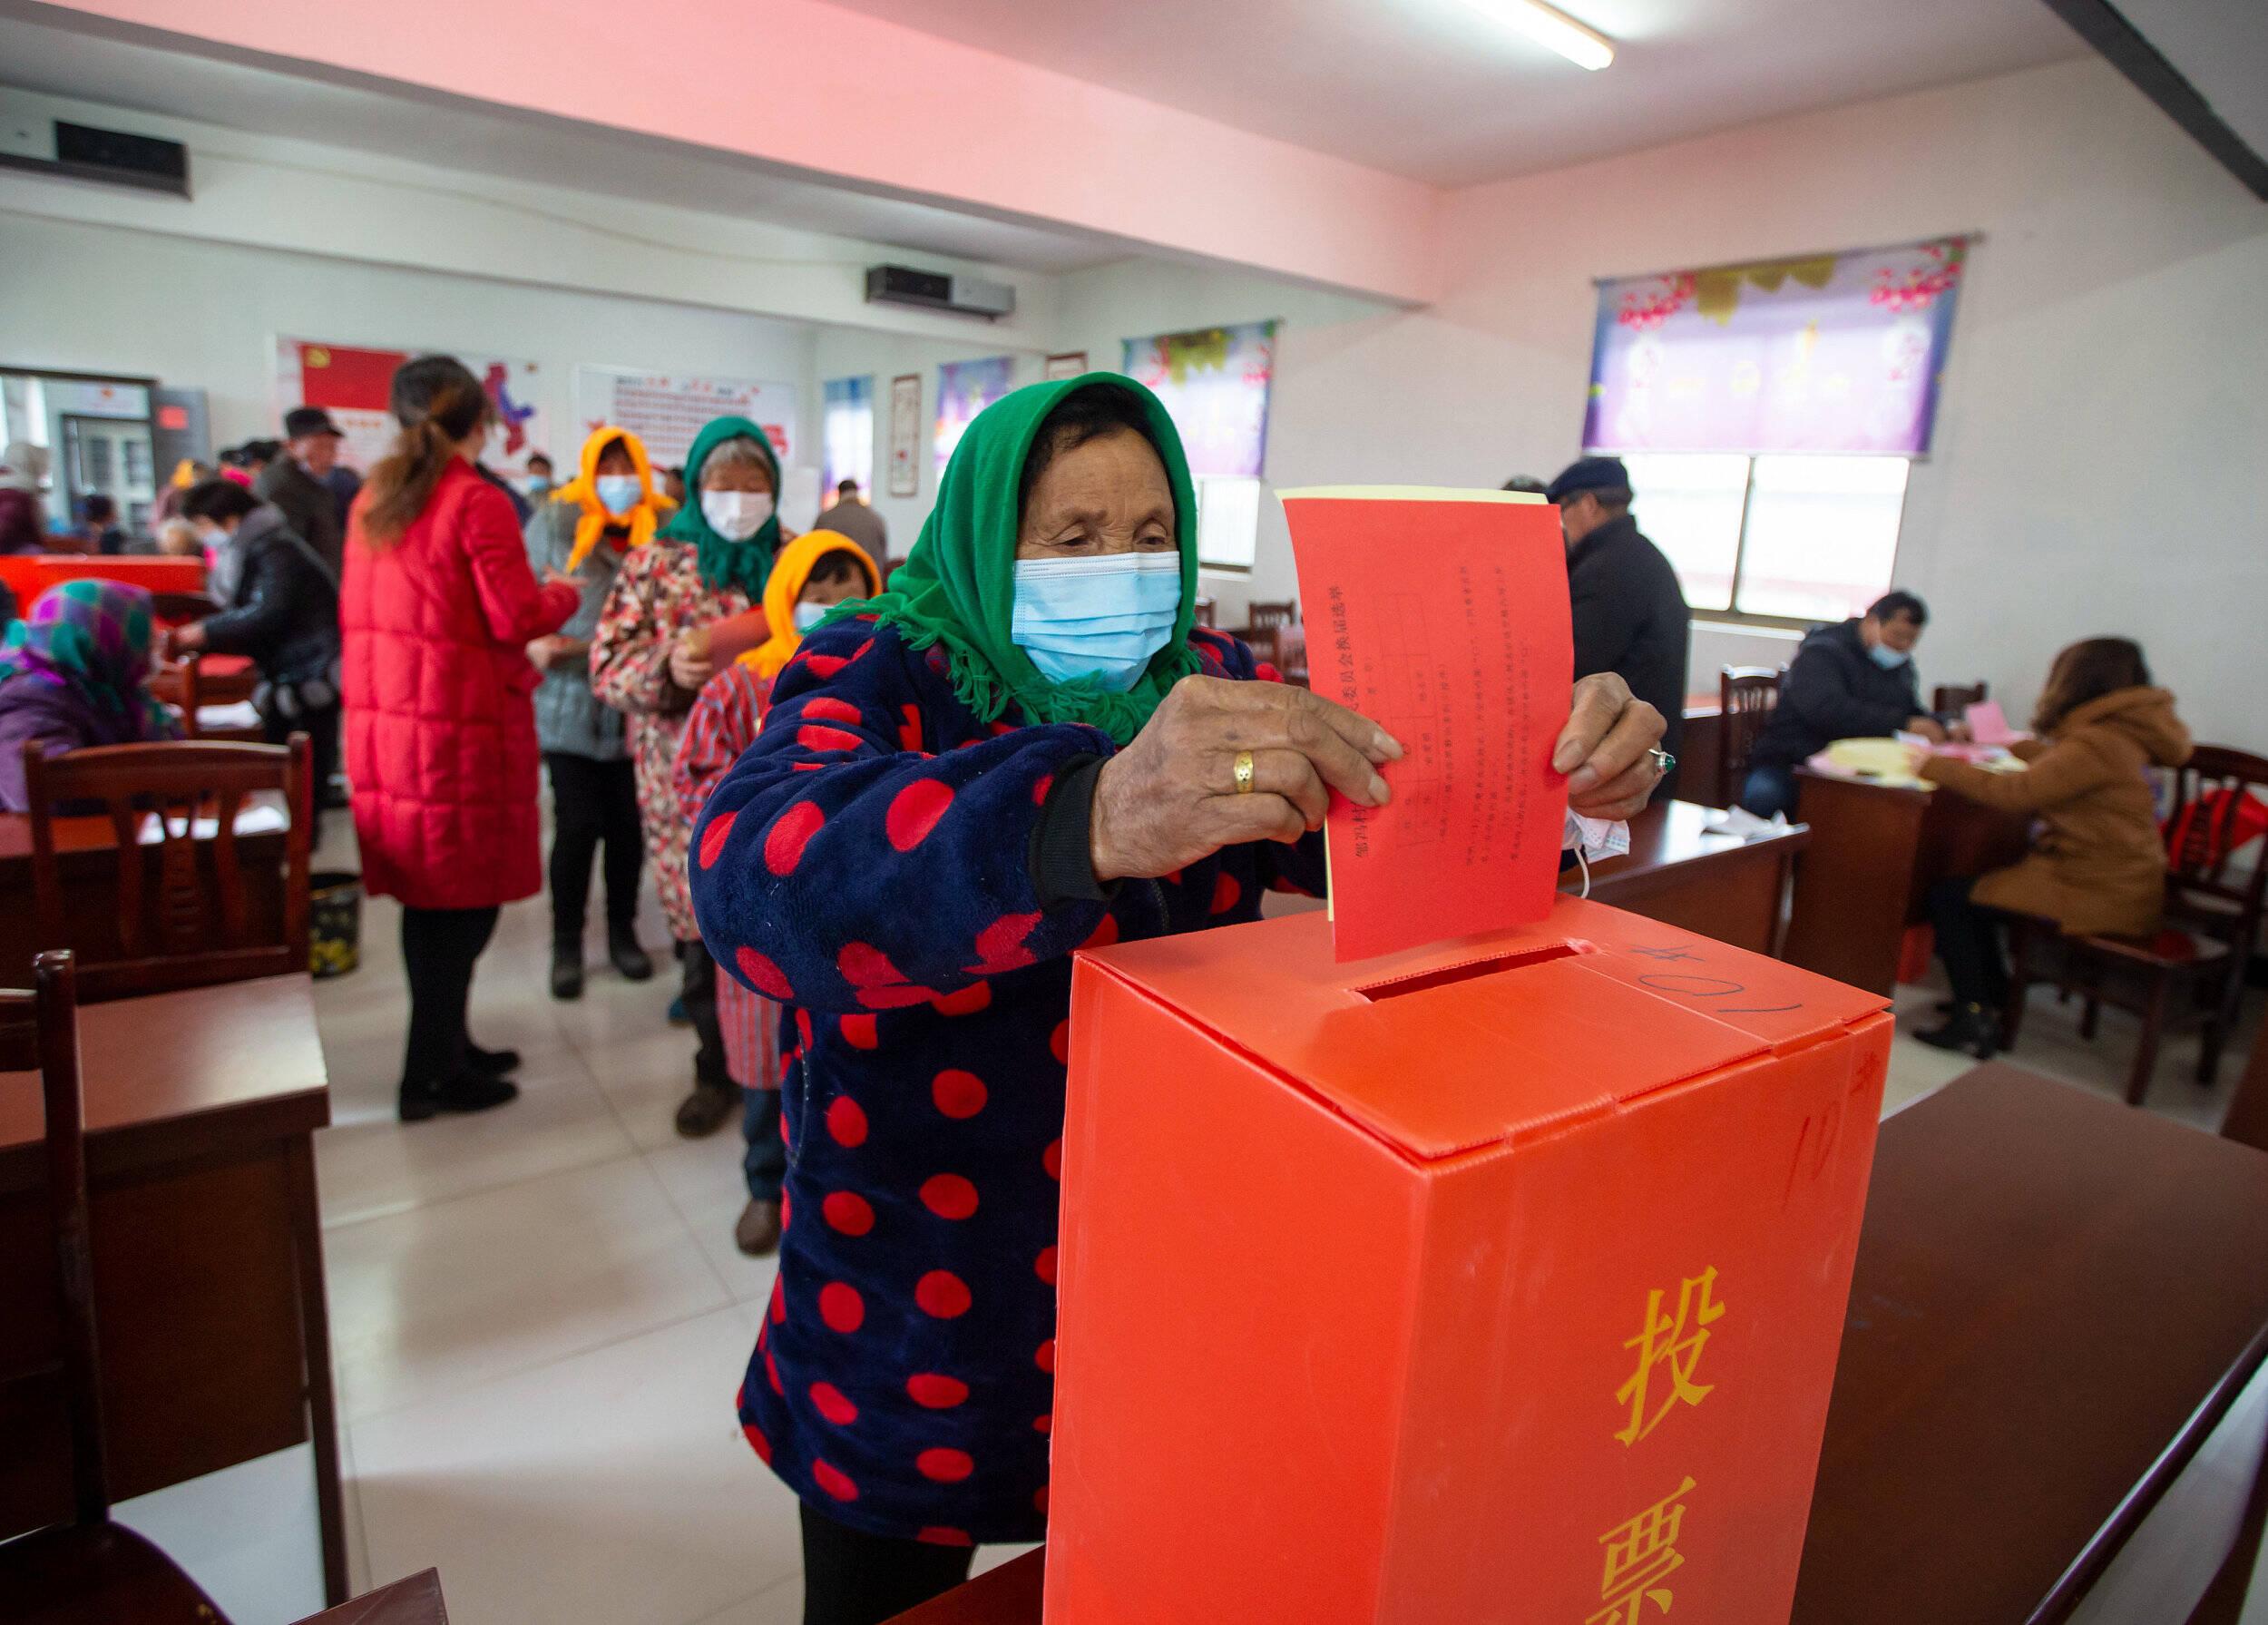 抓好村级换届选举 让基层治理更高效见成效|闪电评论